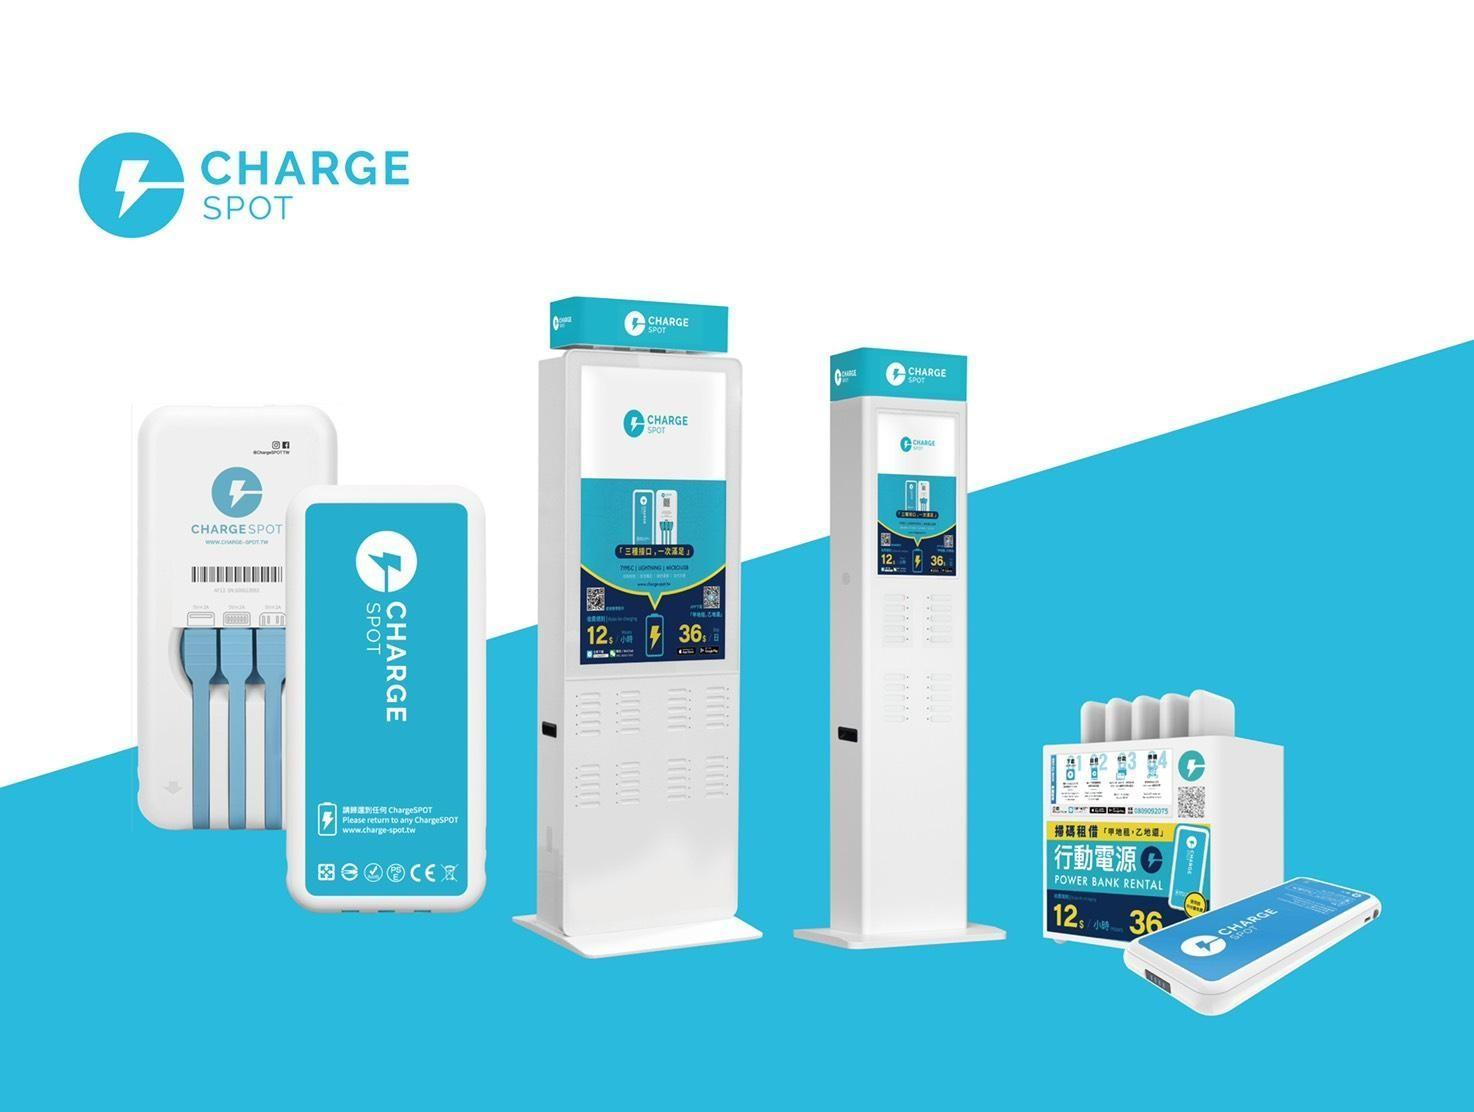 モバイルバッテリーシェアリング 「ChargeSPOT Taiwan」に出資